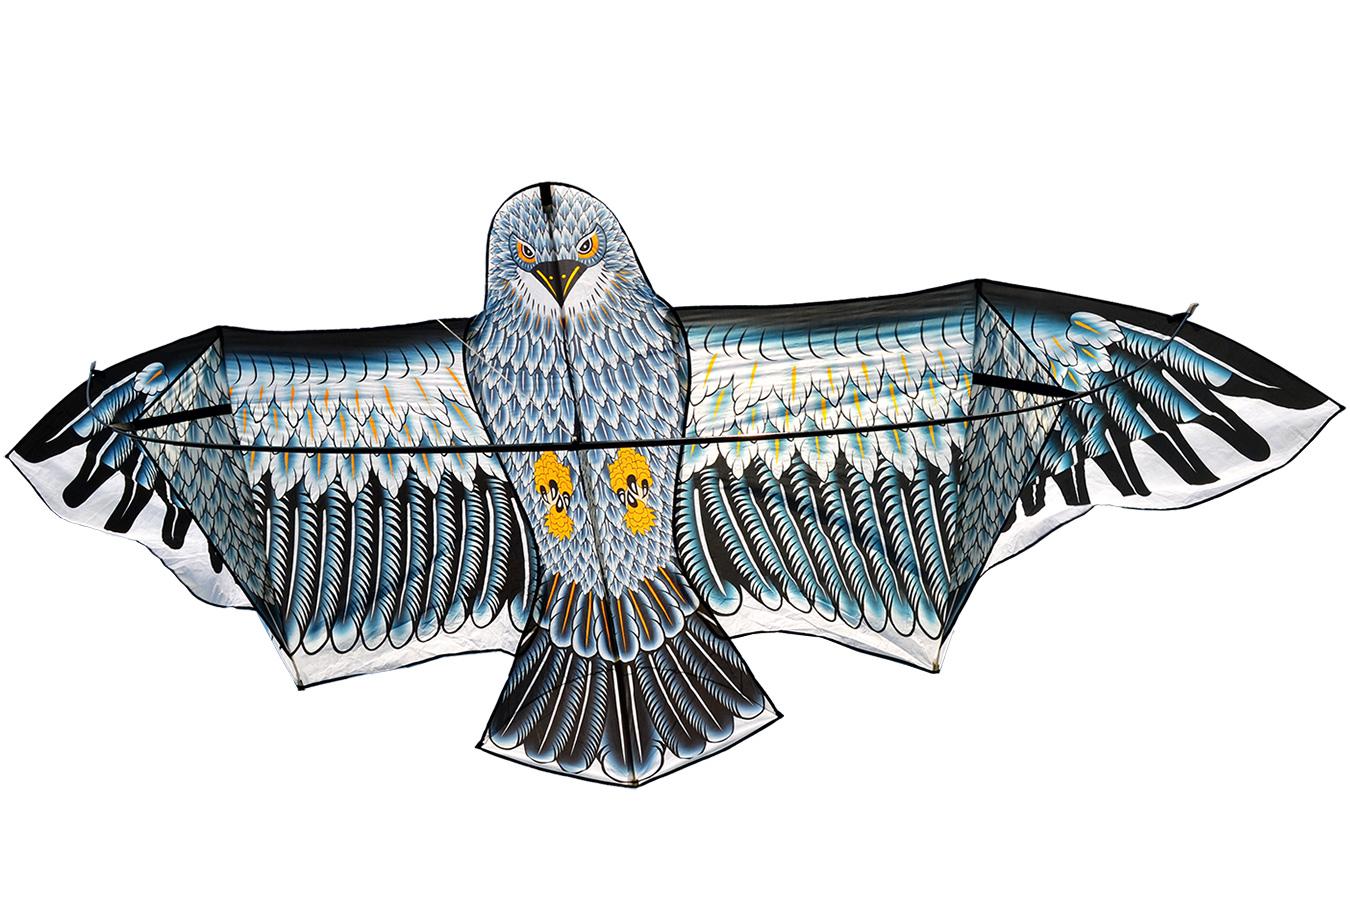 Гигантский Кондор, 6-и метровый воздушный змей [ZB517]